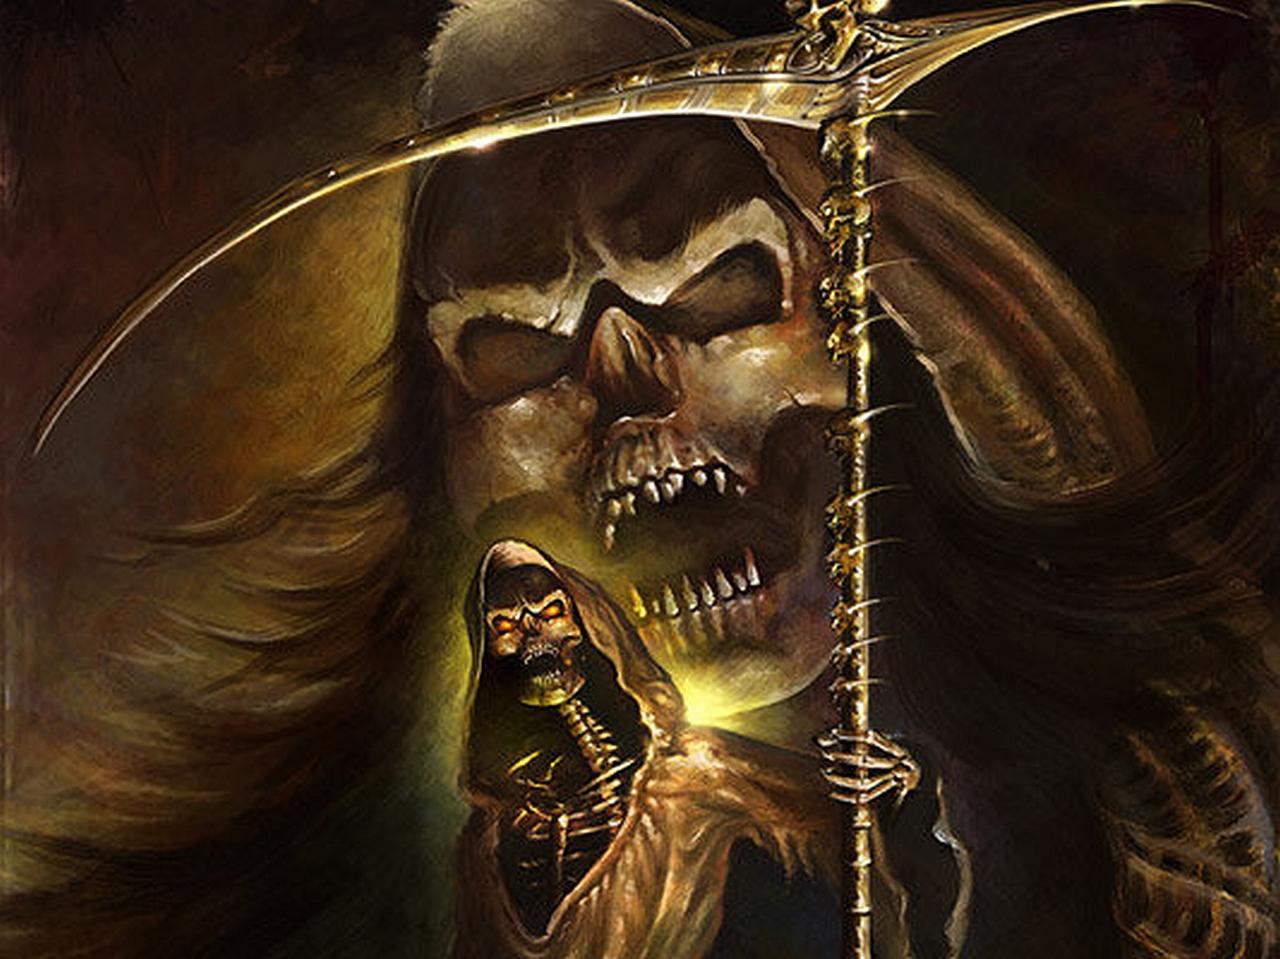 Grim Reaper Computer Wallpapers Desktop Backgrounds 1280x959 ID 1280x959